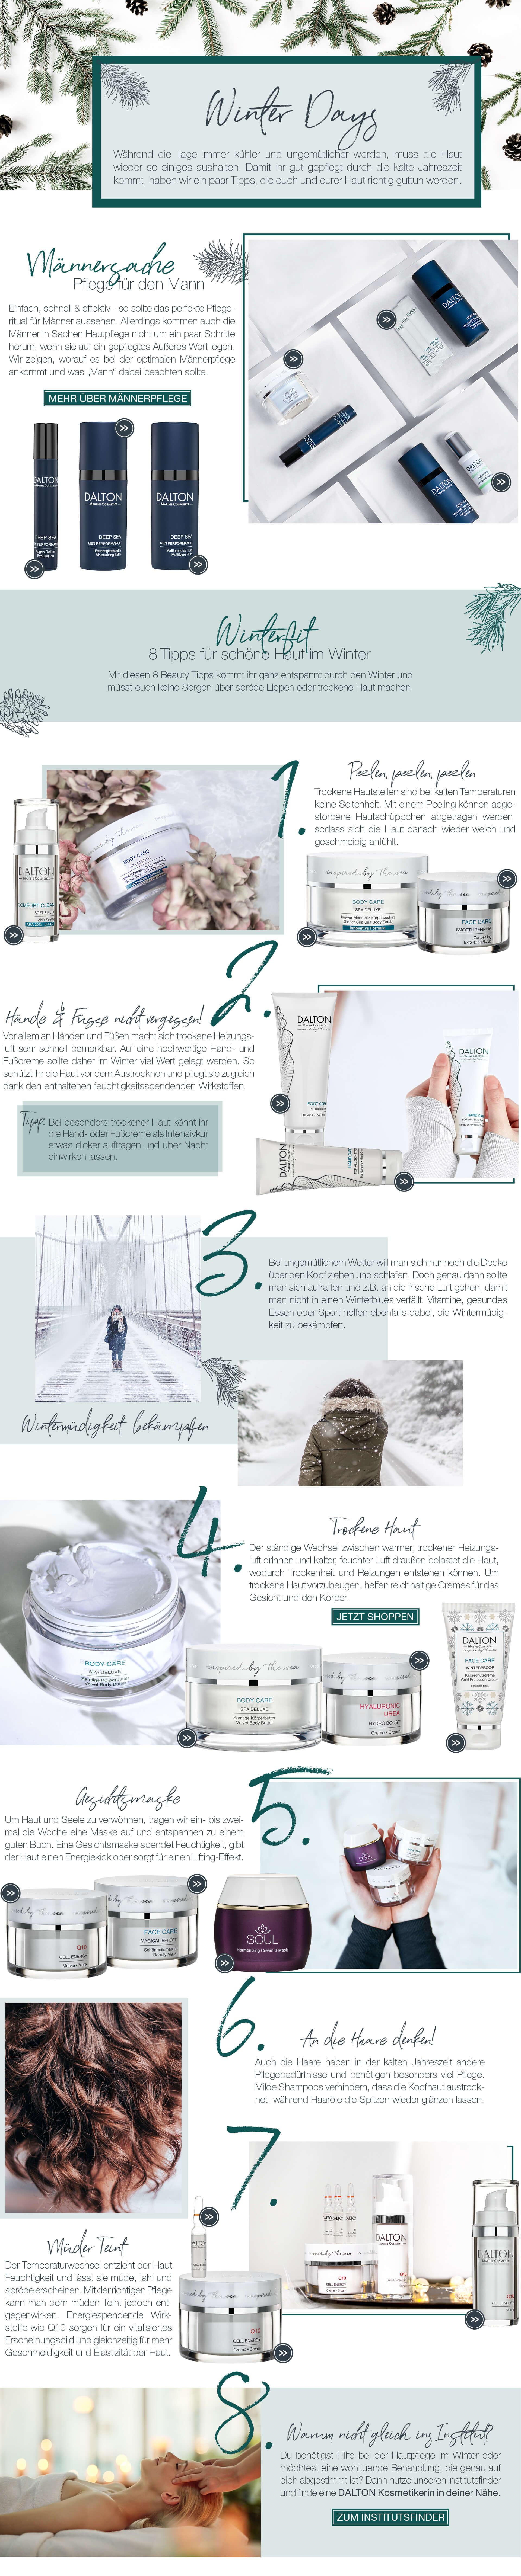 Tipps für schöne Haut im Winter